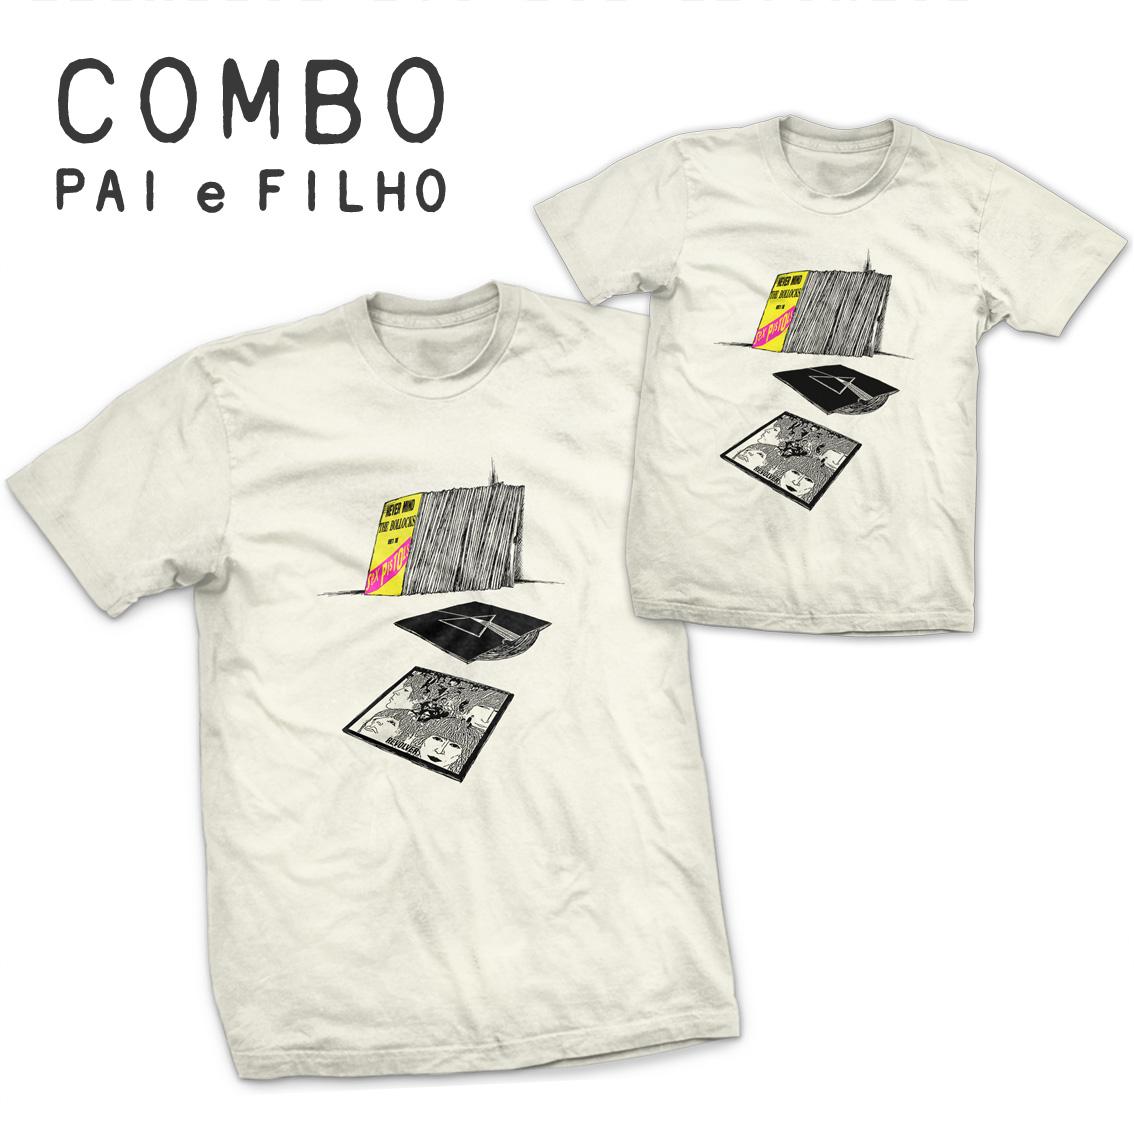 Combo Pai e Filho Classic Vinyls